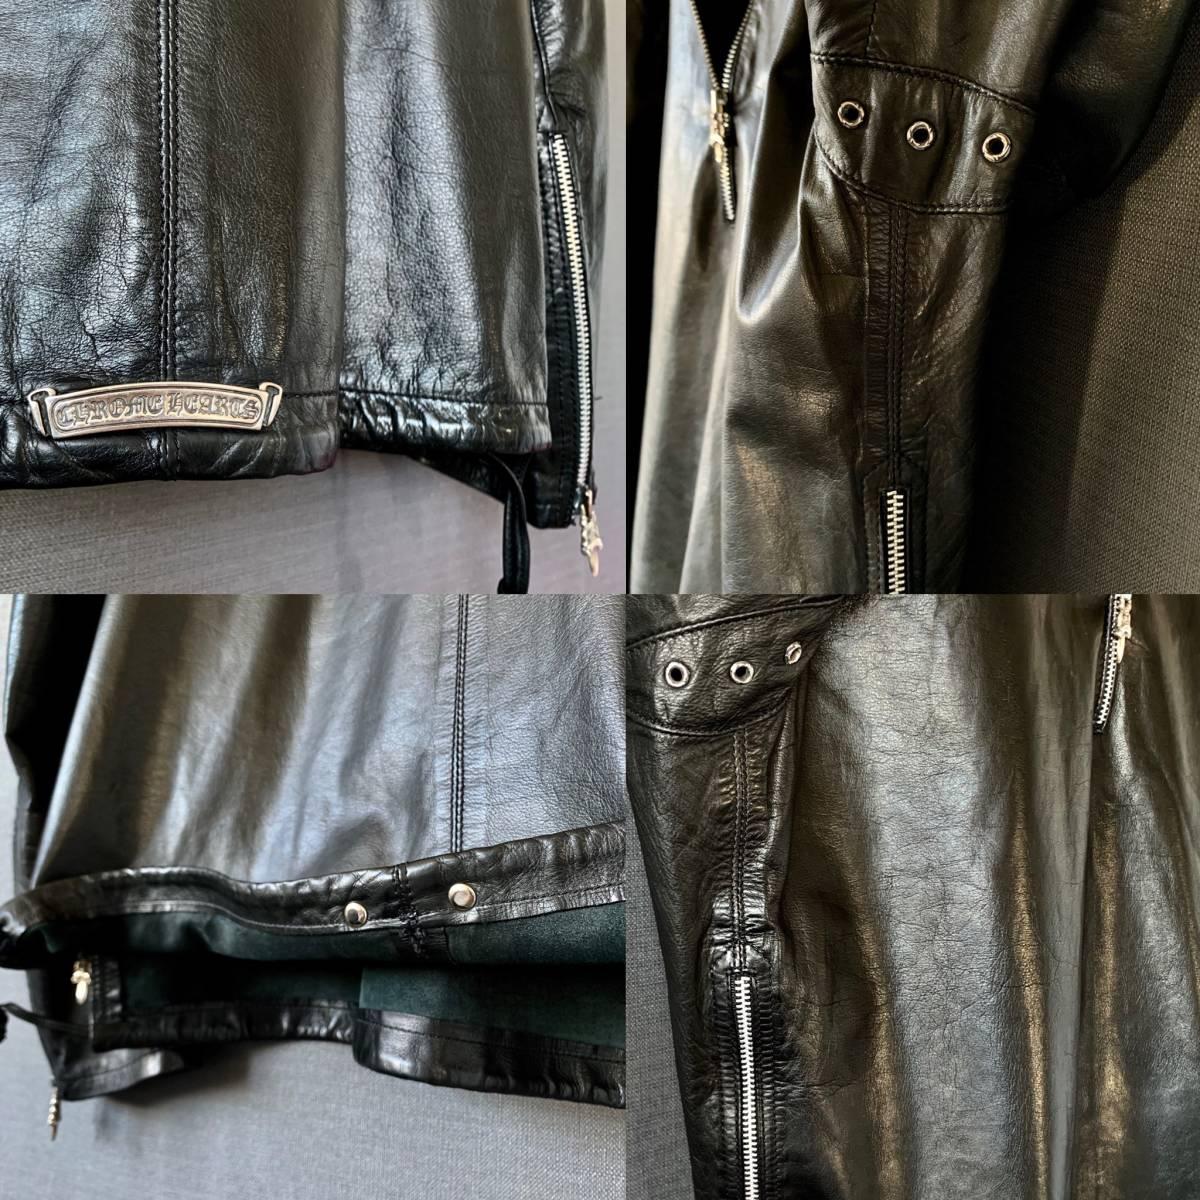 『 クロムハーツ 正規店 ロサンゼルス店 』 SV.925 EZ RIDER イージー ライダース レザー ジップアップ ダガー フローラルクロス 本物保証 _画像7